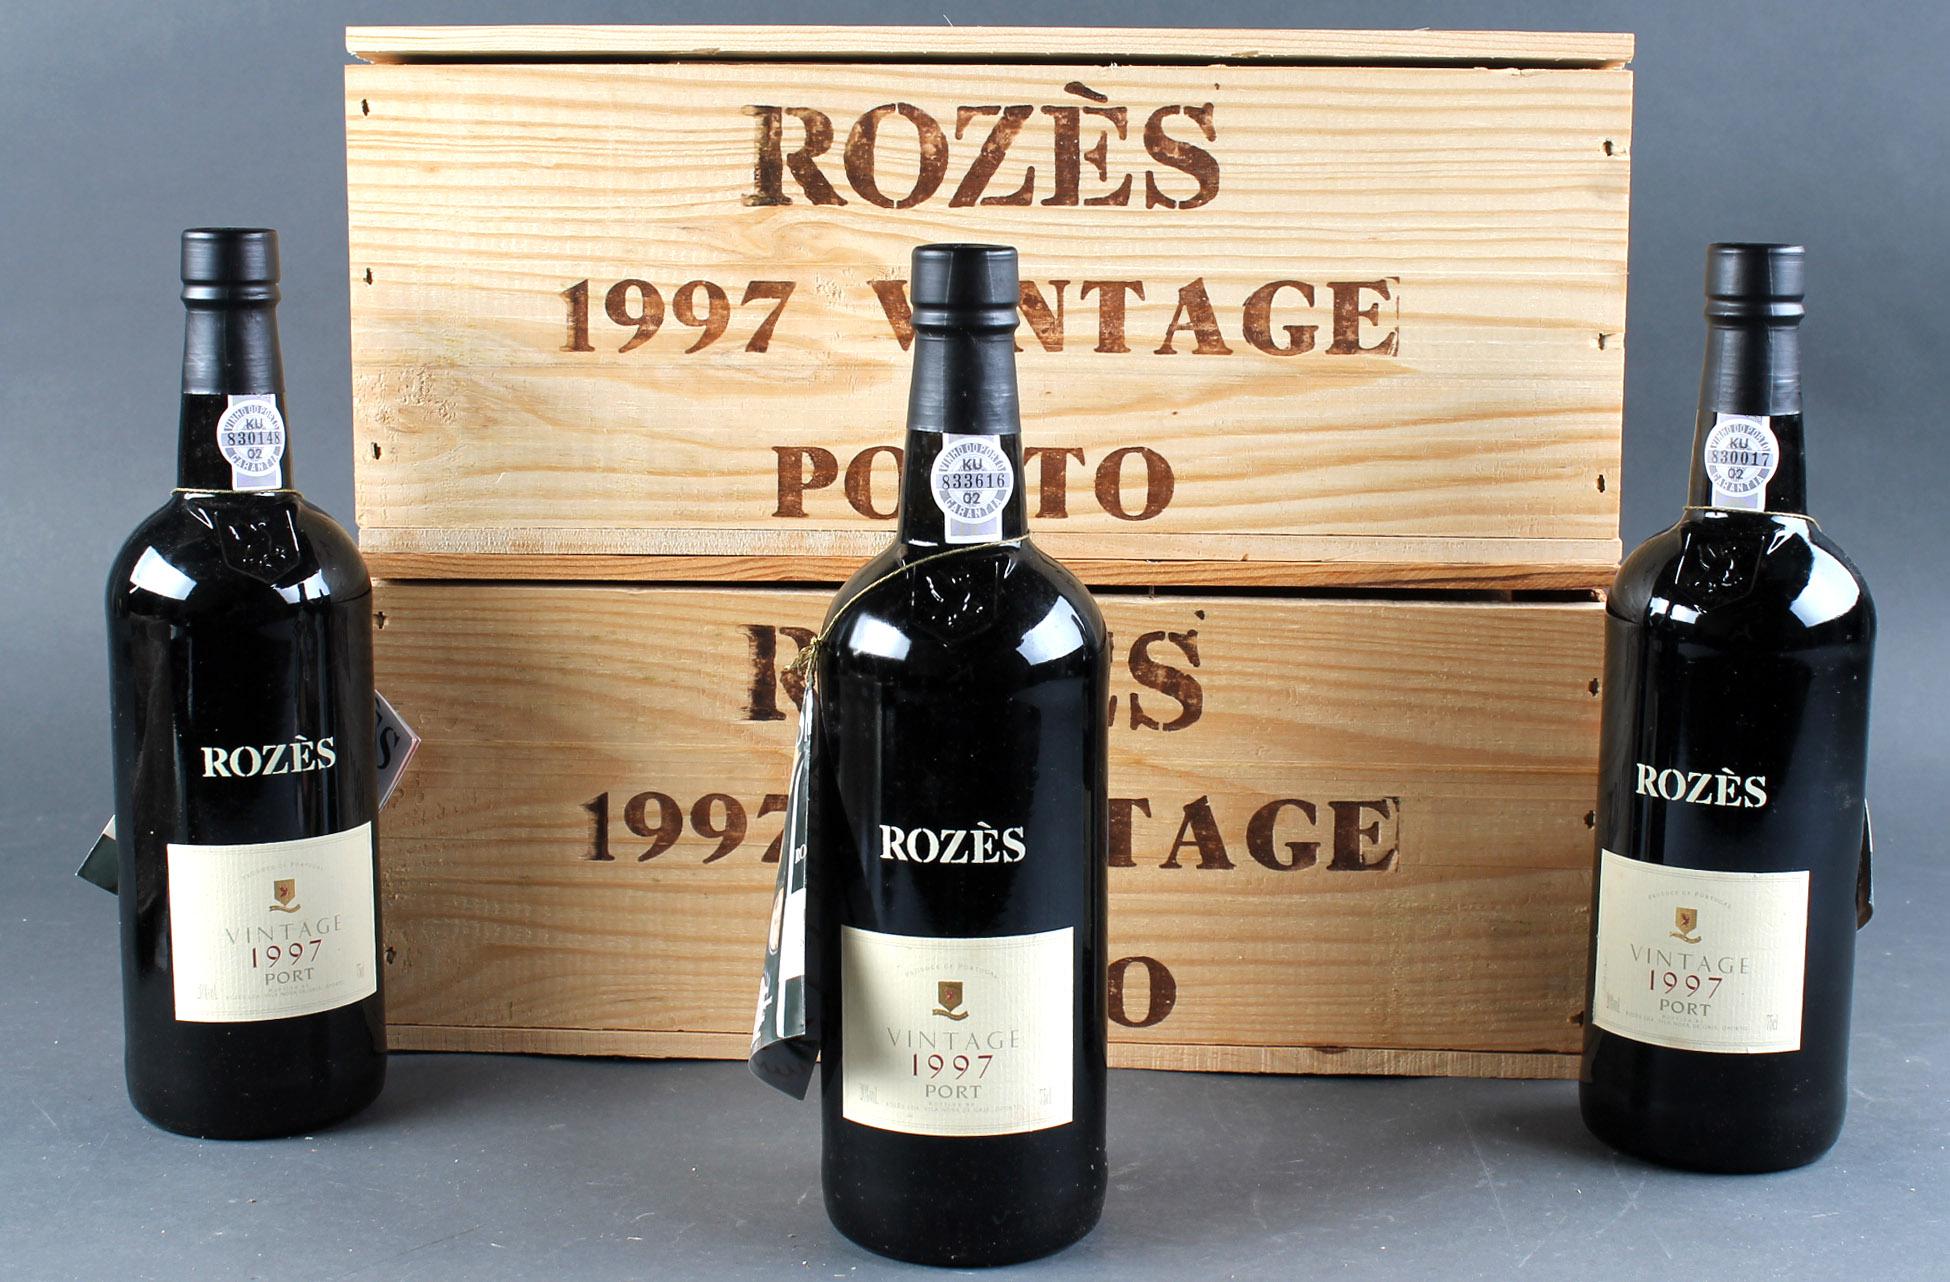 Rozes Vintage Port 1997 - Rozes vintage portvin, 12 flasker fra Douro dalen i Portugal, årgang 1997. Opbevaret i 2x 6 stk trækasse Modelfoto